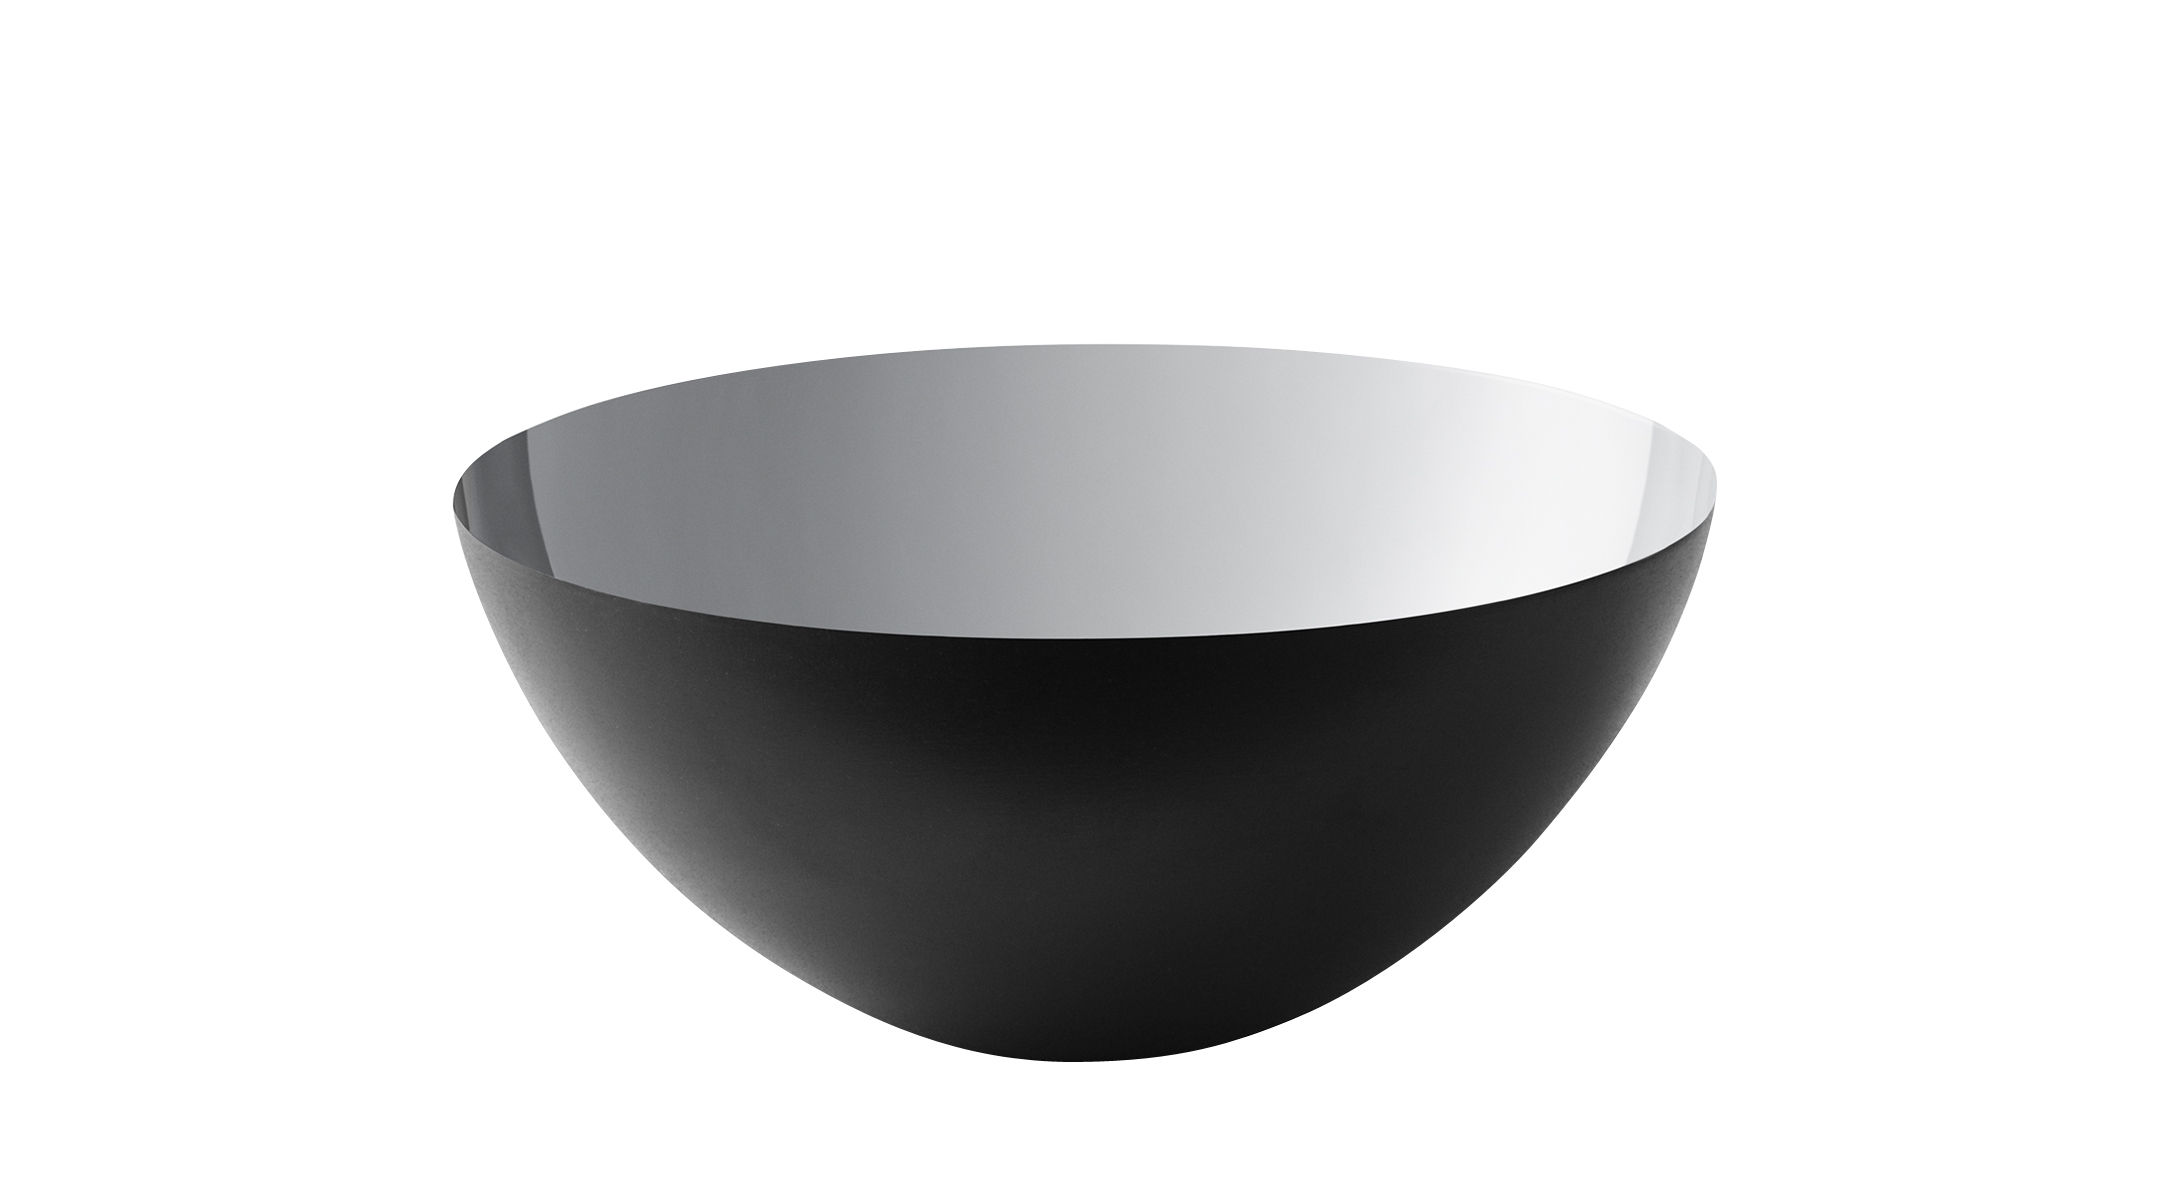 Tischkultur - Salatschüsseln und Schalen - Krenit Schale / Ø 12,5 x H 5,9 cm - Stahl - Normann Copenhagen - Schwarz / Innenseite silberfarben - emaillierter Stahl